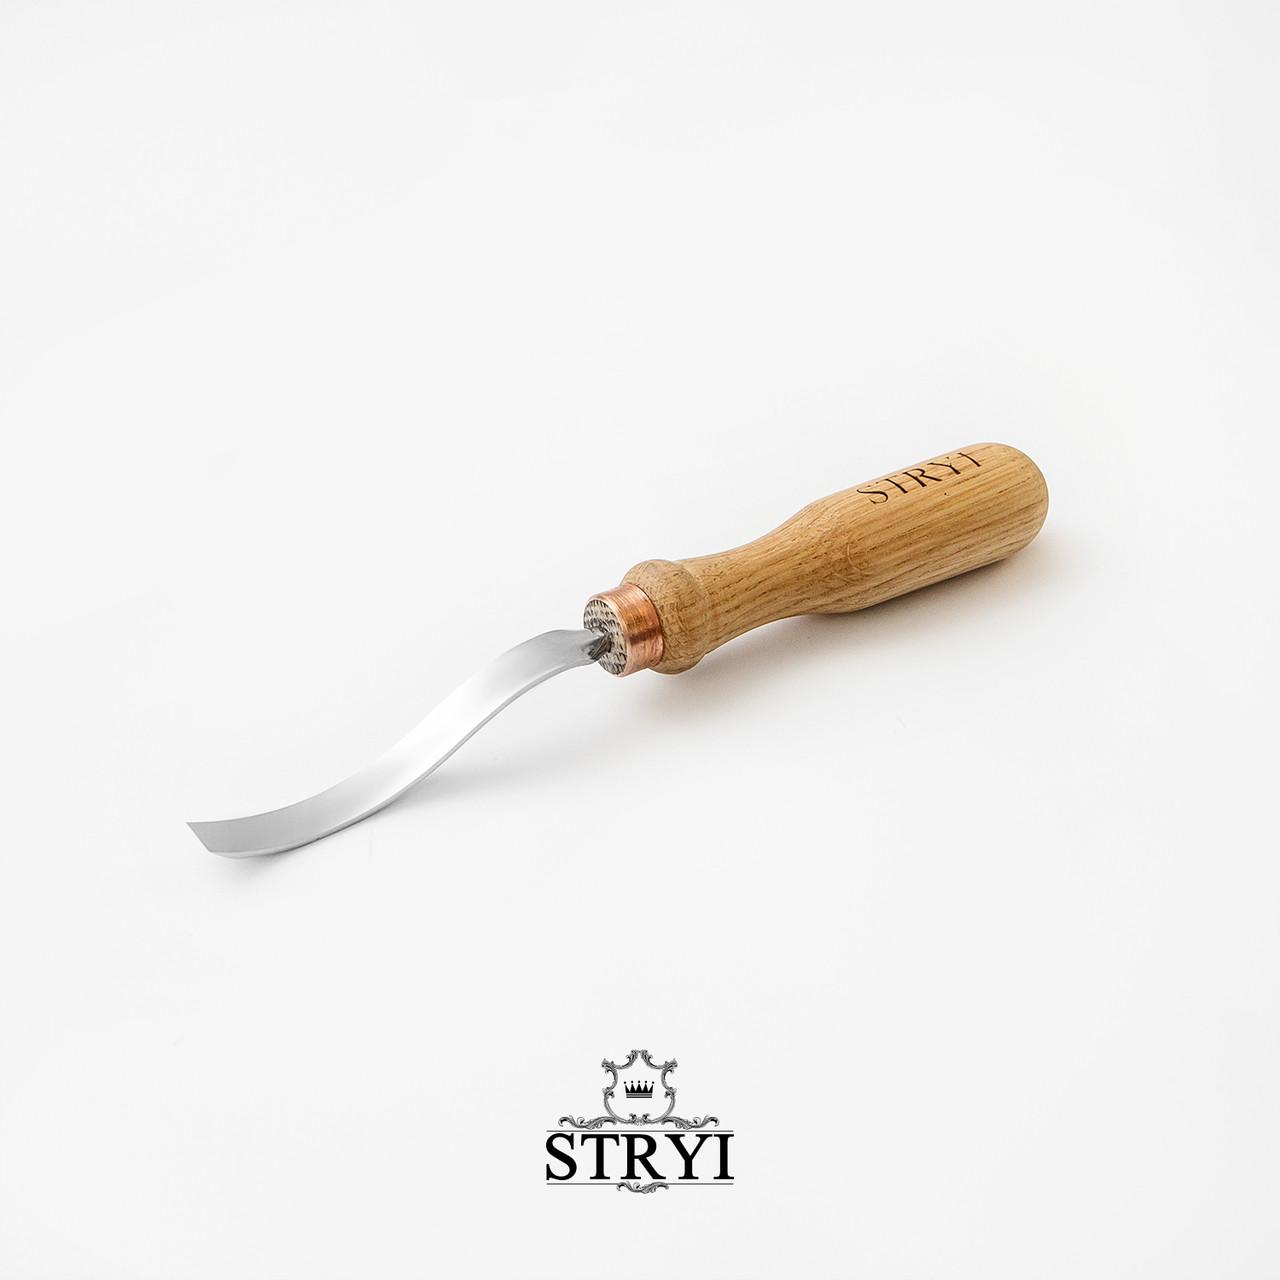 Стамеска клюкарза  плоская для резьбы по дереву от STRYI, 10 мм